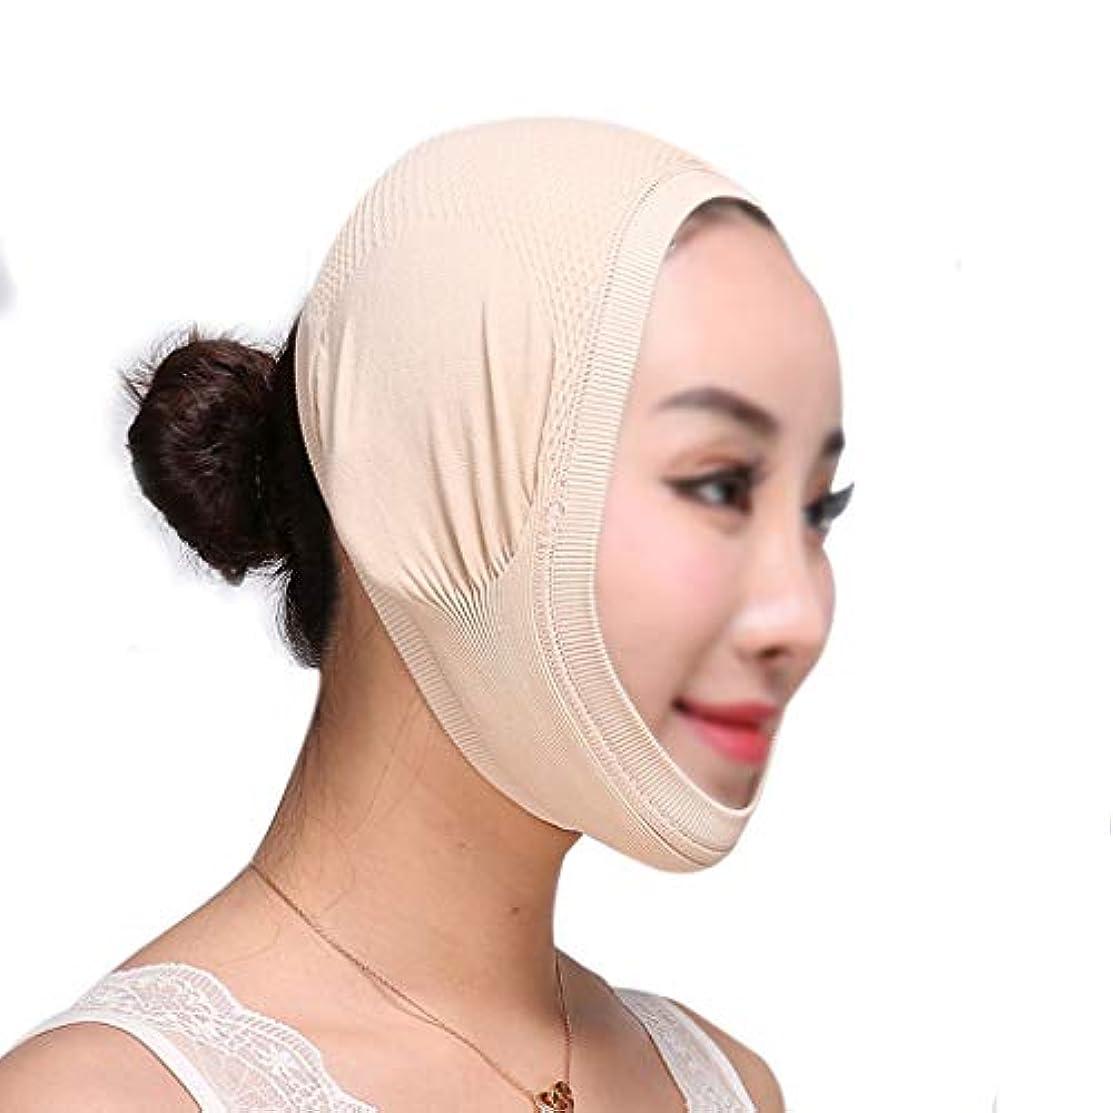 満足させる腹痛校長整形外科病院ライン彫刻術後回復ヘッドギア医療マスク睡眠vフェイスリフティング包帯薄いフェイスマスク (Size : Skin tone(B))